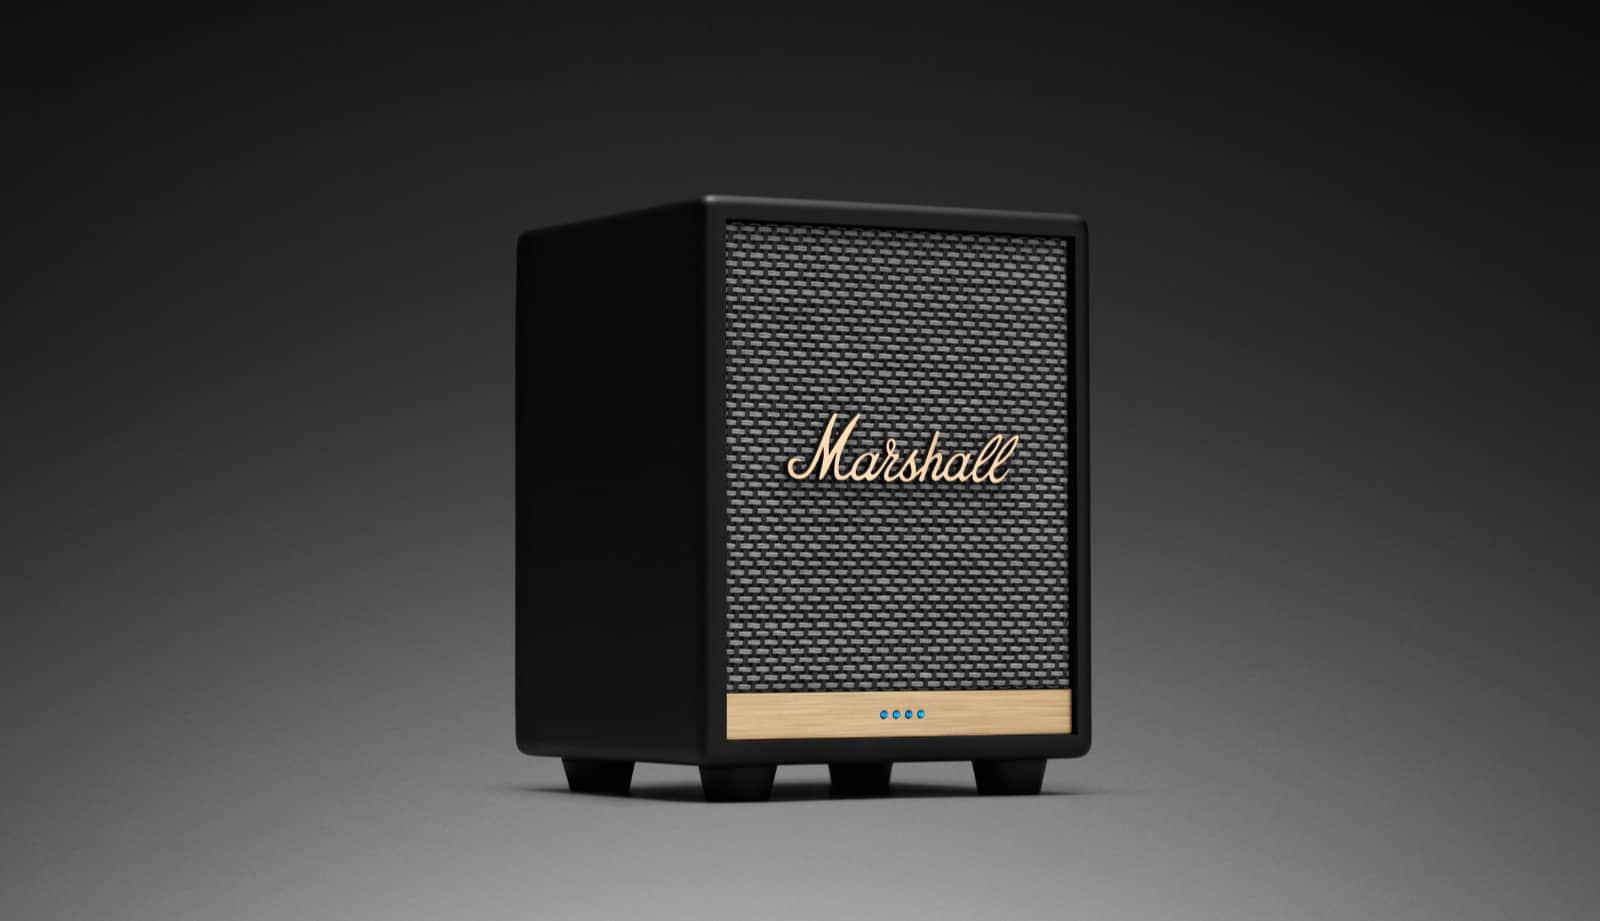 Marshall UxBridge Smart Speaker 3